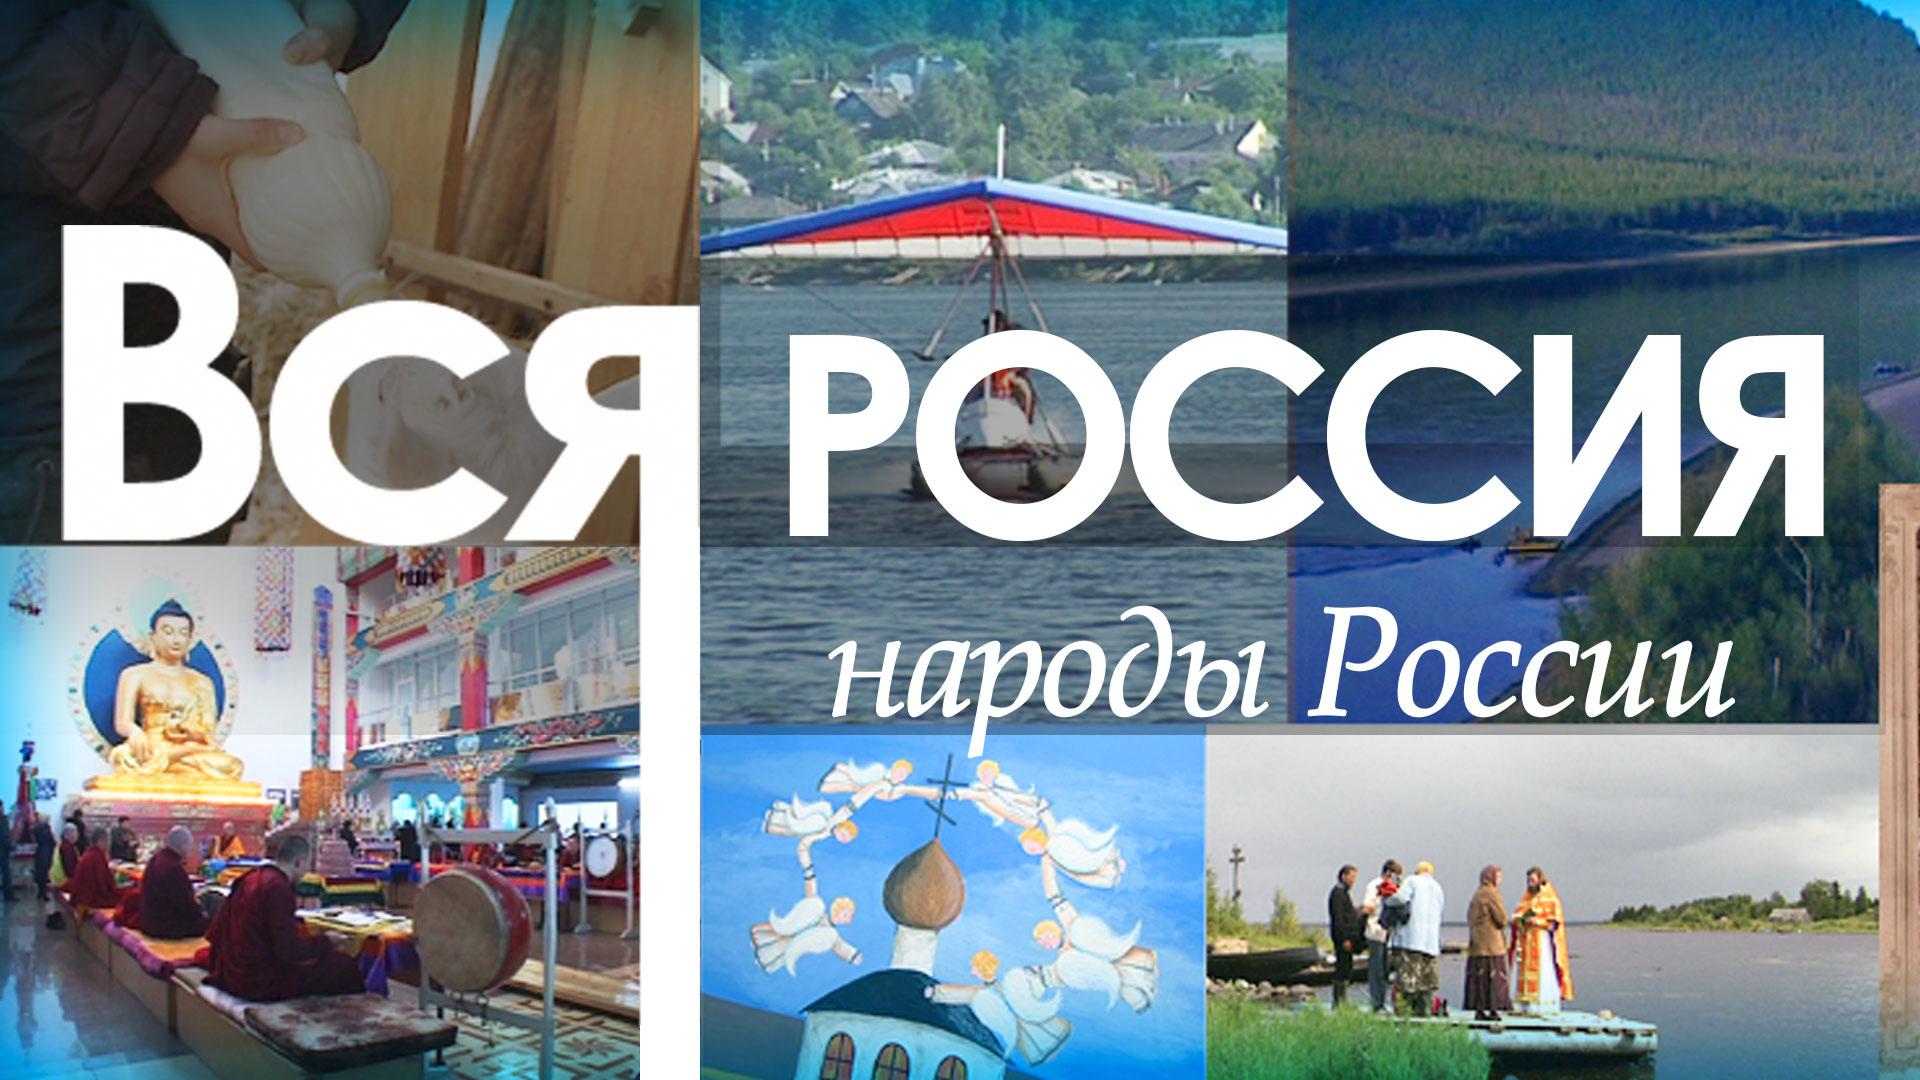 Вся Россия. Народы России